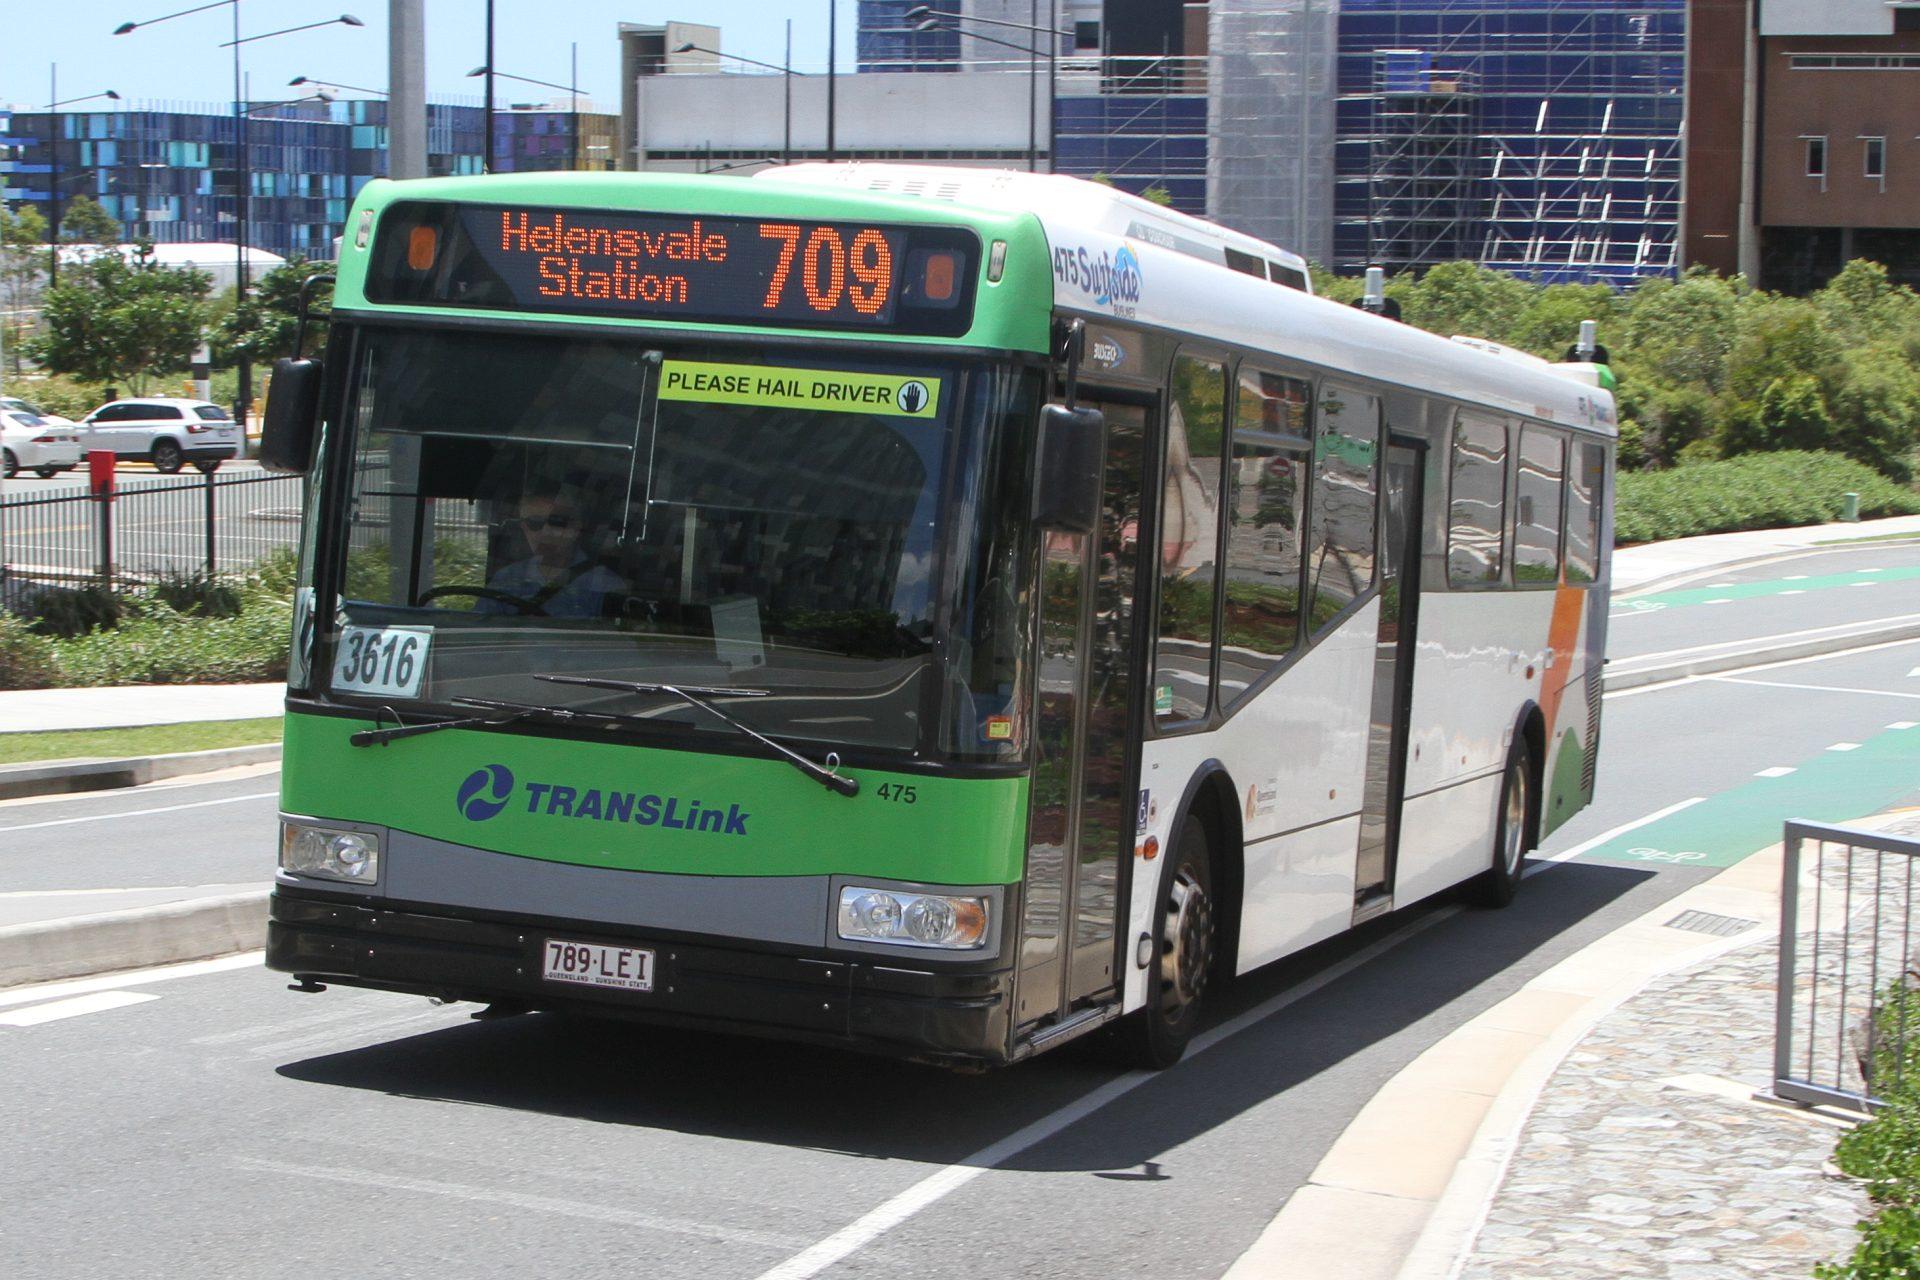 bus 475 henritzy week 2 Bus 475 week 2 business model and strategic plan part i bus 475 week 2 business model and strategic plan part i bus 475 week 2 business model and strategic.